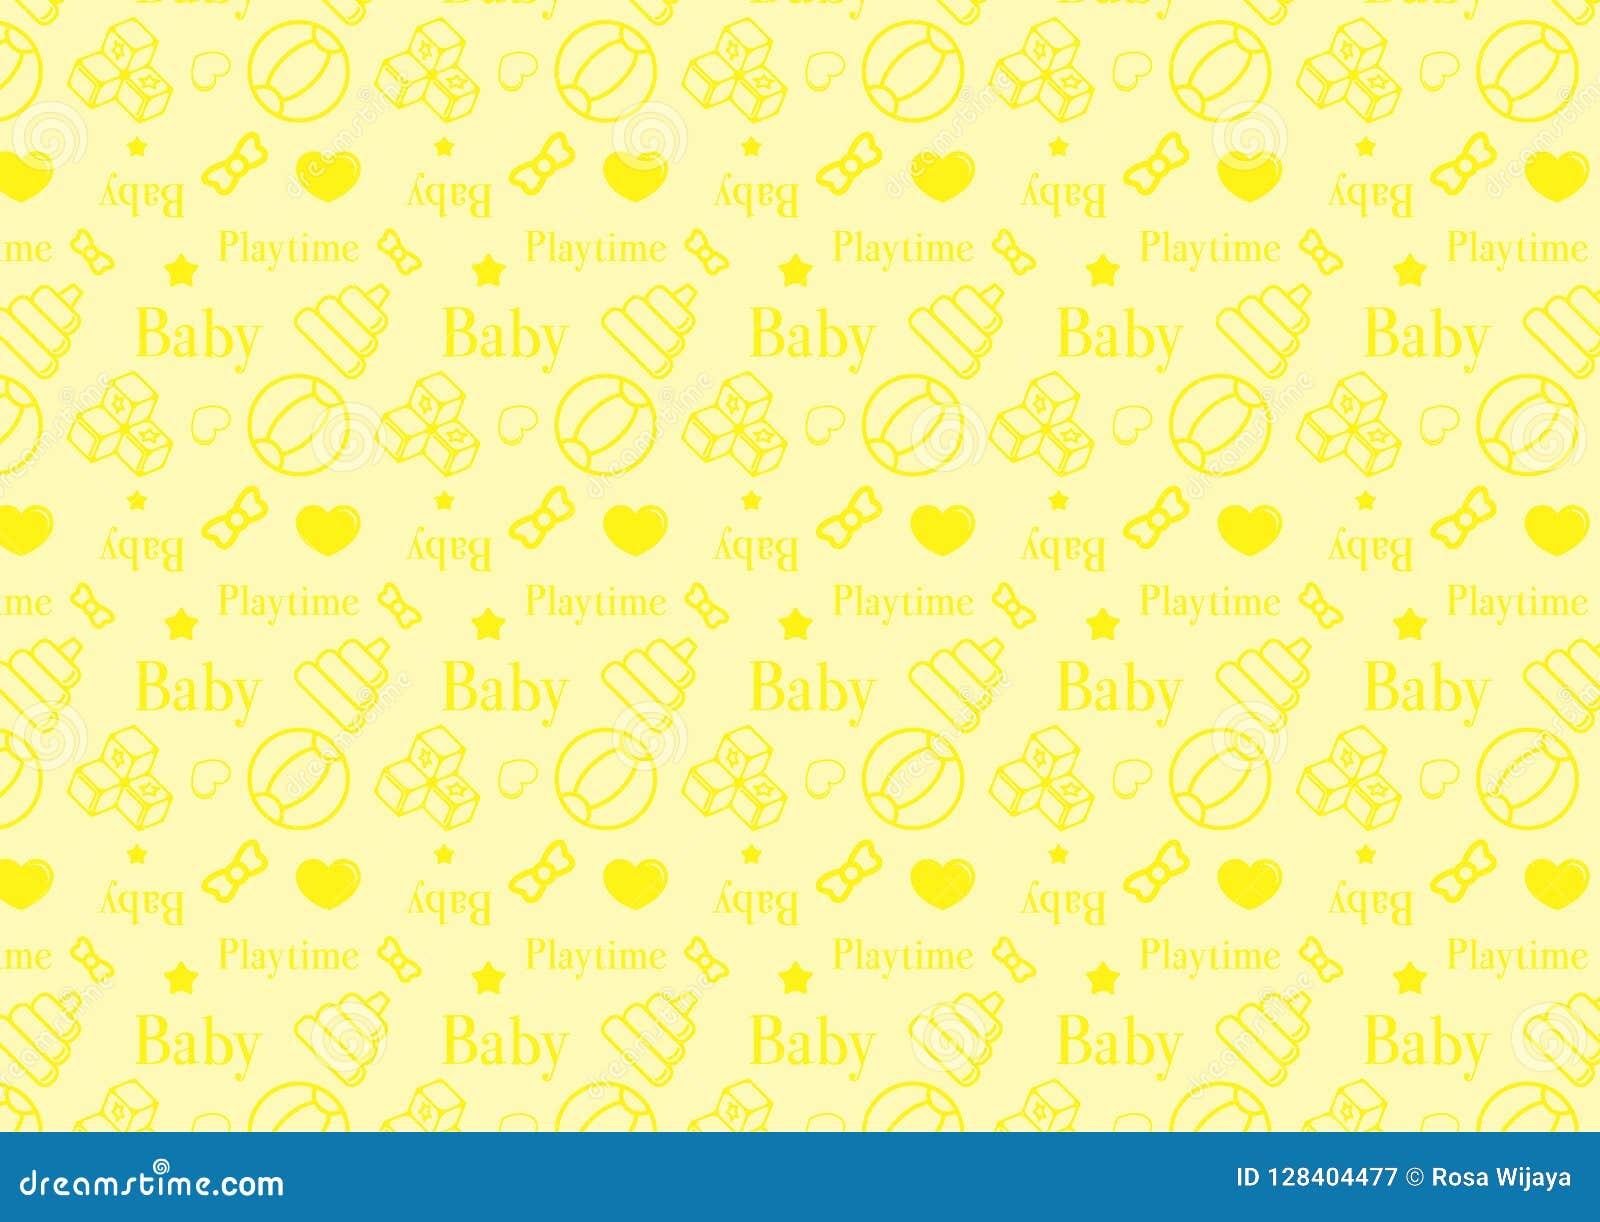 Het naadloze patroon in het pictogram van de lijnstijl met babyspeelgoed als thema heeft volledig editable resizable vector in za